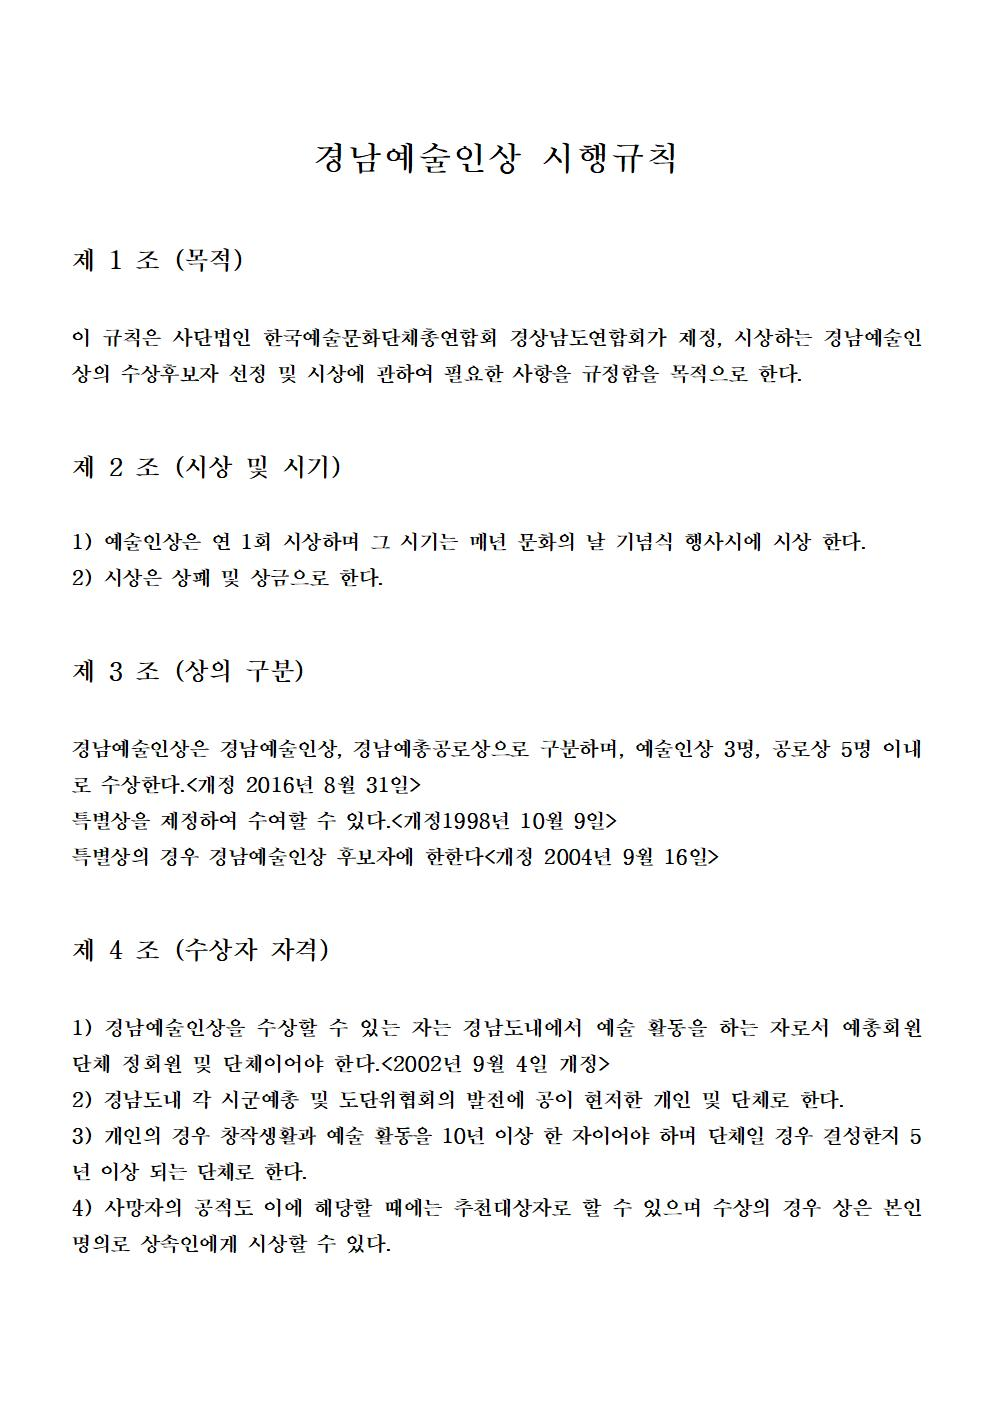 경남예술인상 시행규칙 개정(20160831)002.jpg